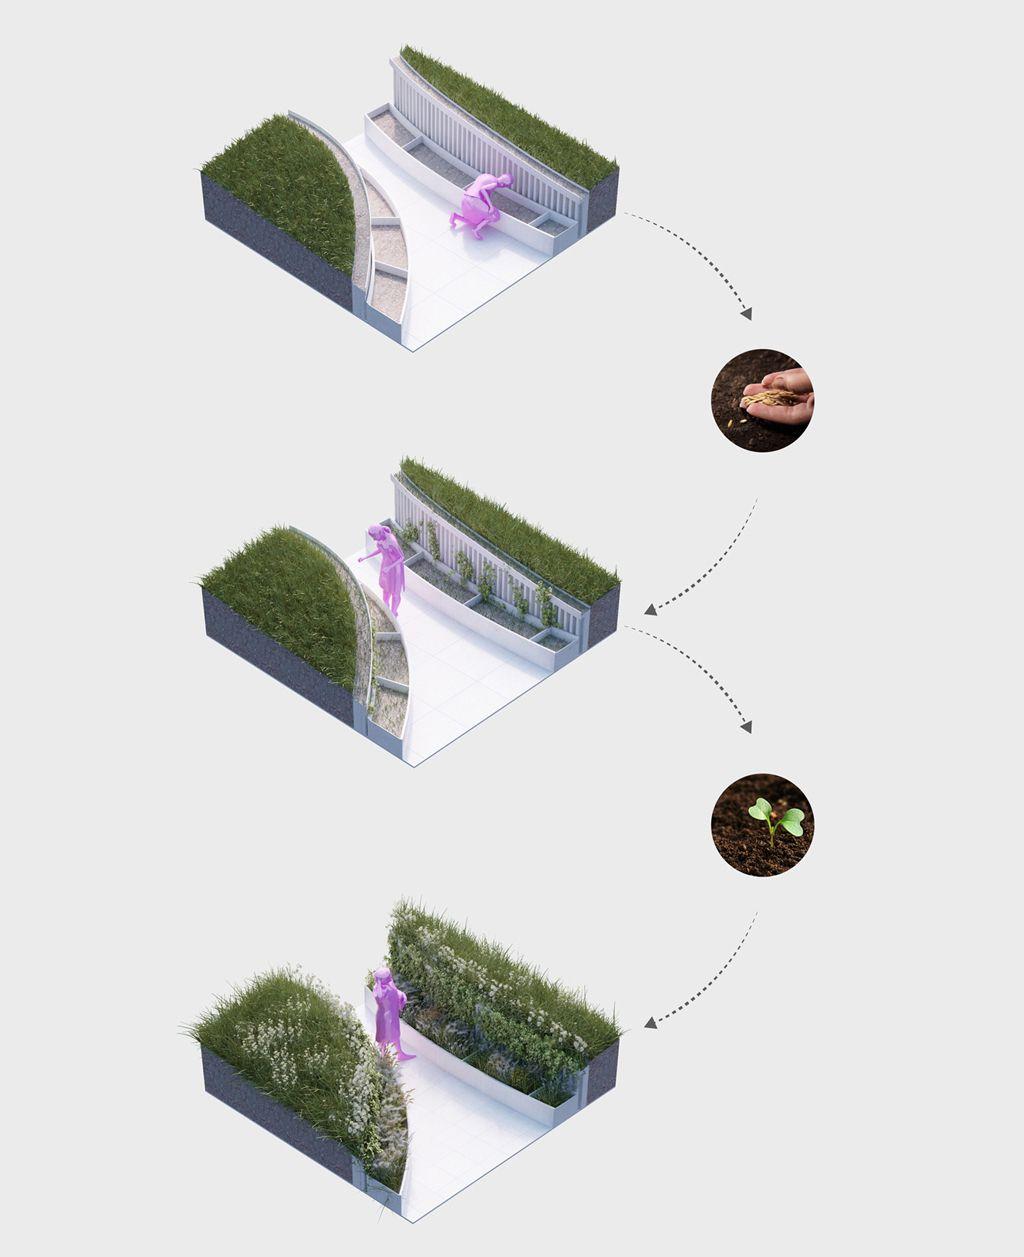 طراحی پارک شهری